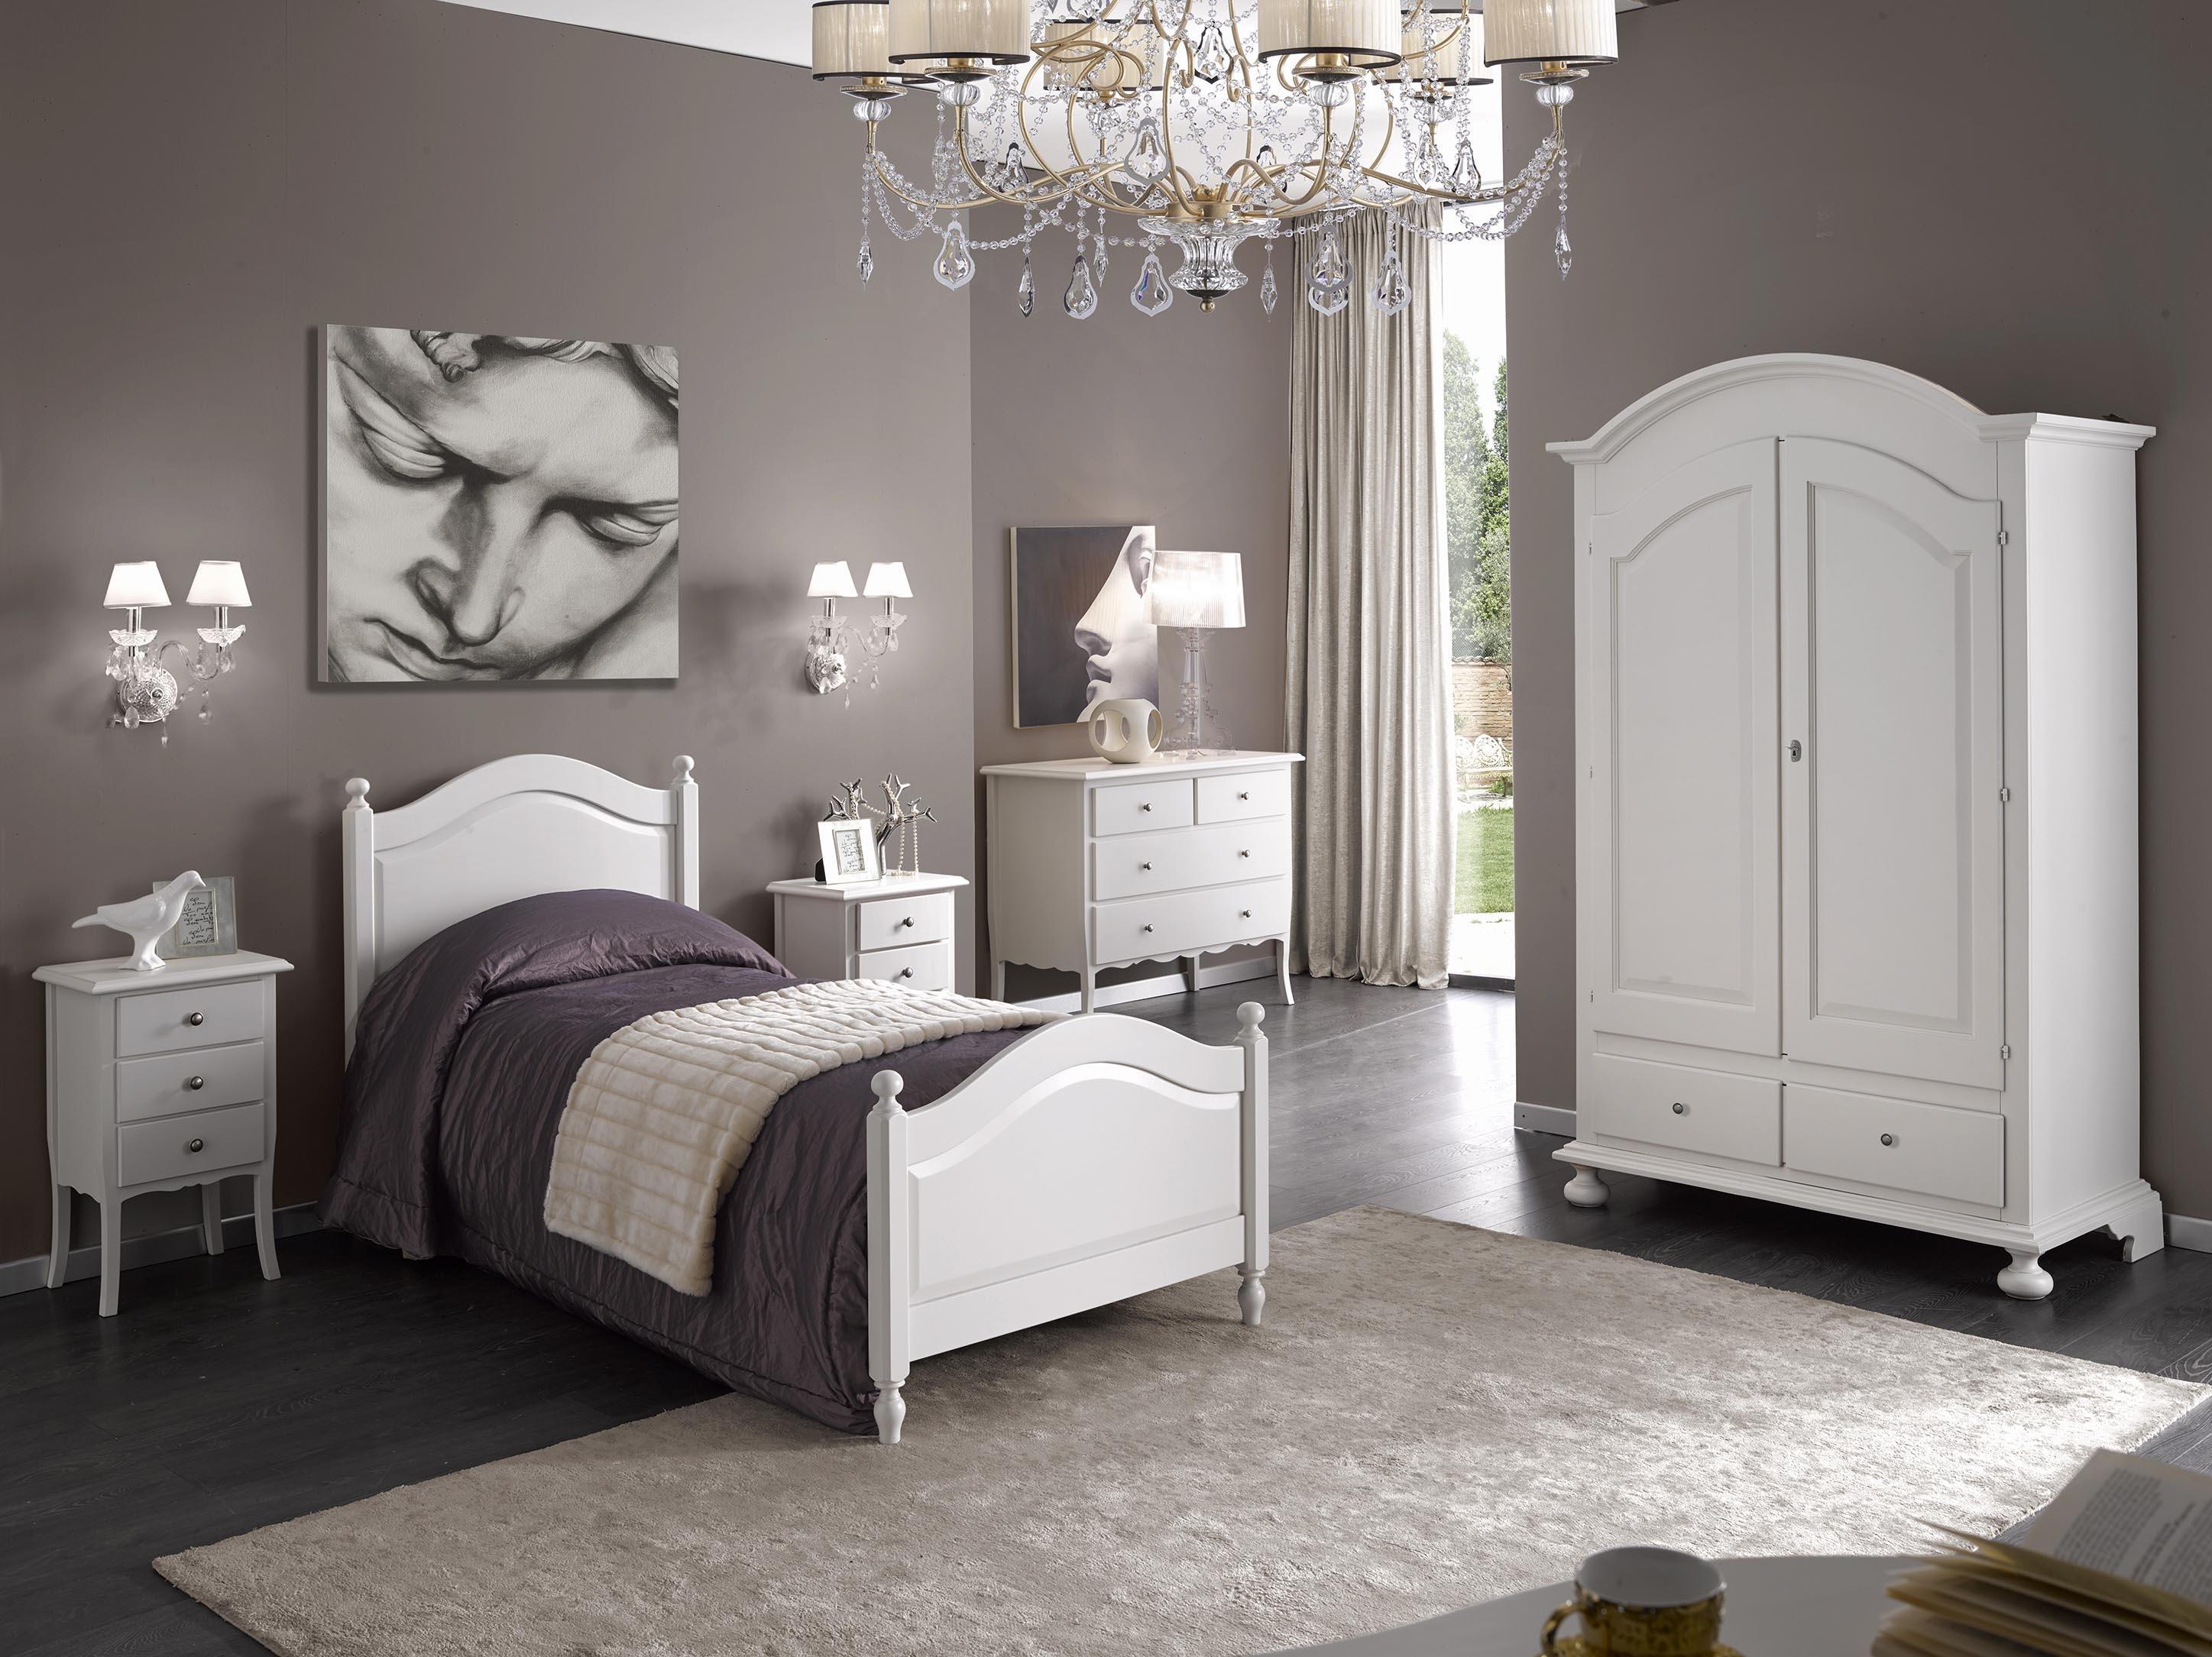 Cameretta in legno colore bianco liscio artigianale camerette a prezzi scontati - Arredamento camera singola ...